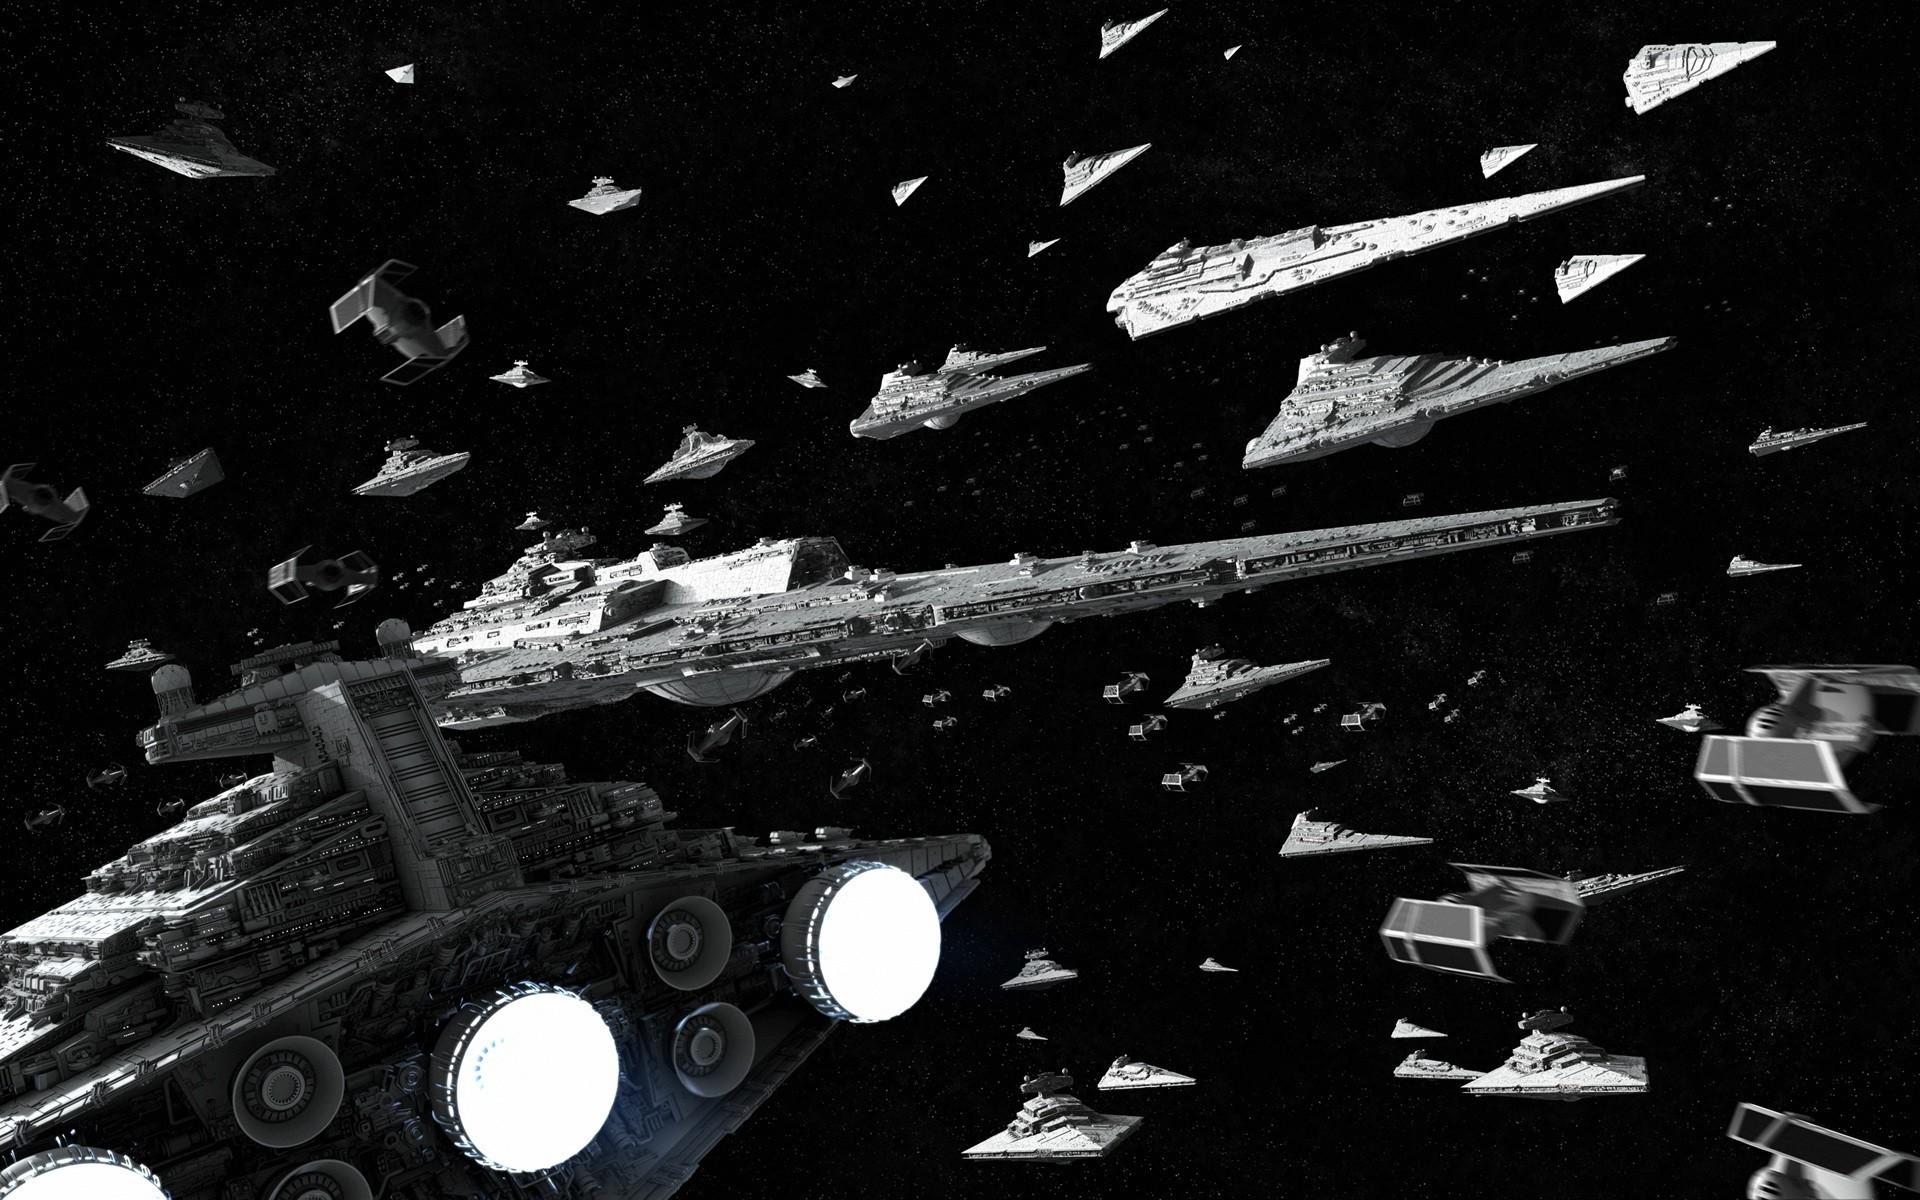 Star Wars, Star Destroyer, Super Star Destroyer, TIE Fighter Wallpapers HD  / Desktop and Mobile Backgrounds